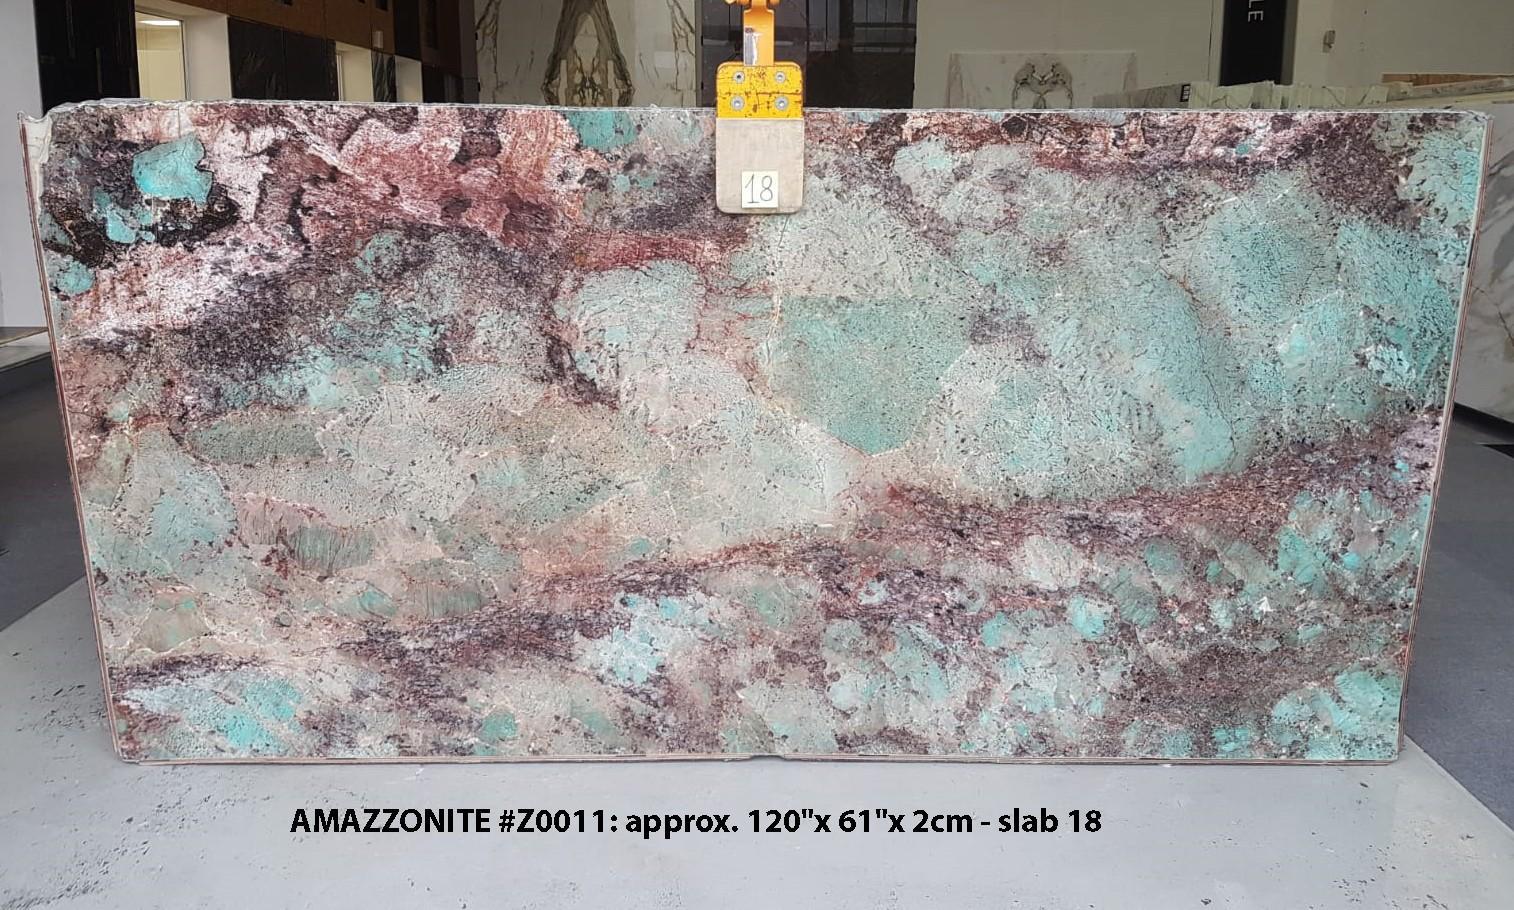 AMAZZONITE Fornitura (Italia) di lastre grezze lucide in pietra semipreziosa naturale Z0011 , Slab #18